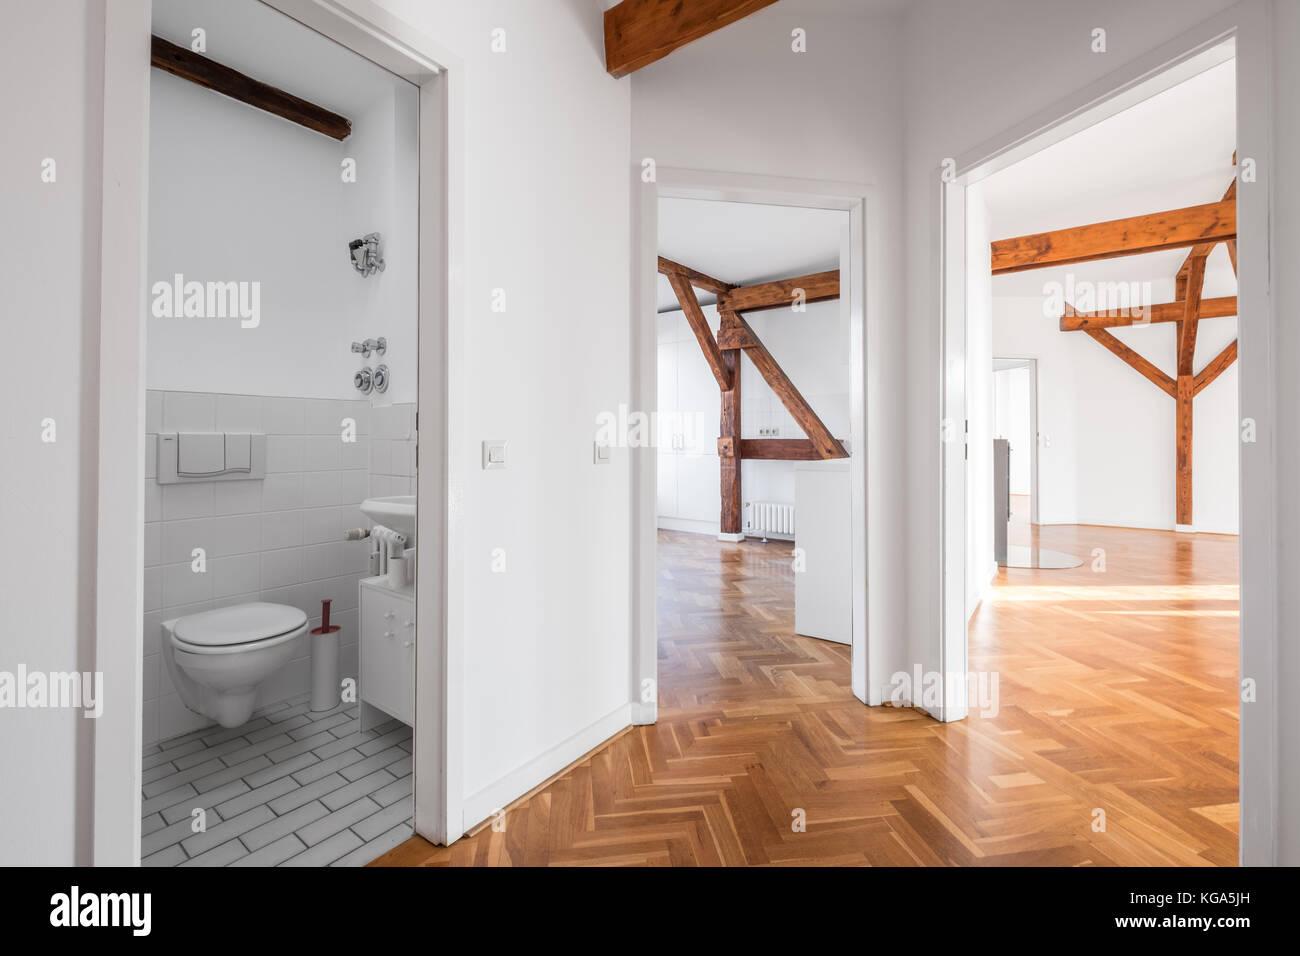 Appartamento loft dopo lavori di ristrutturazione - piatto vuoto ...